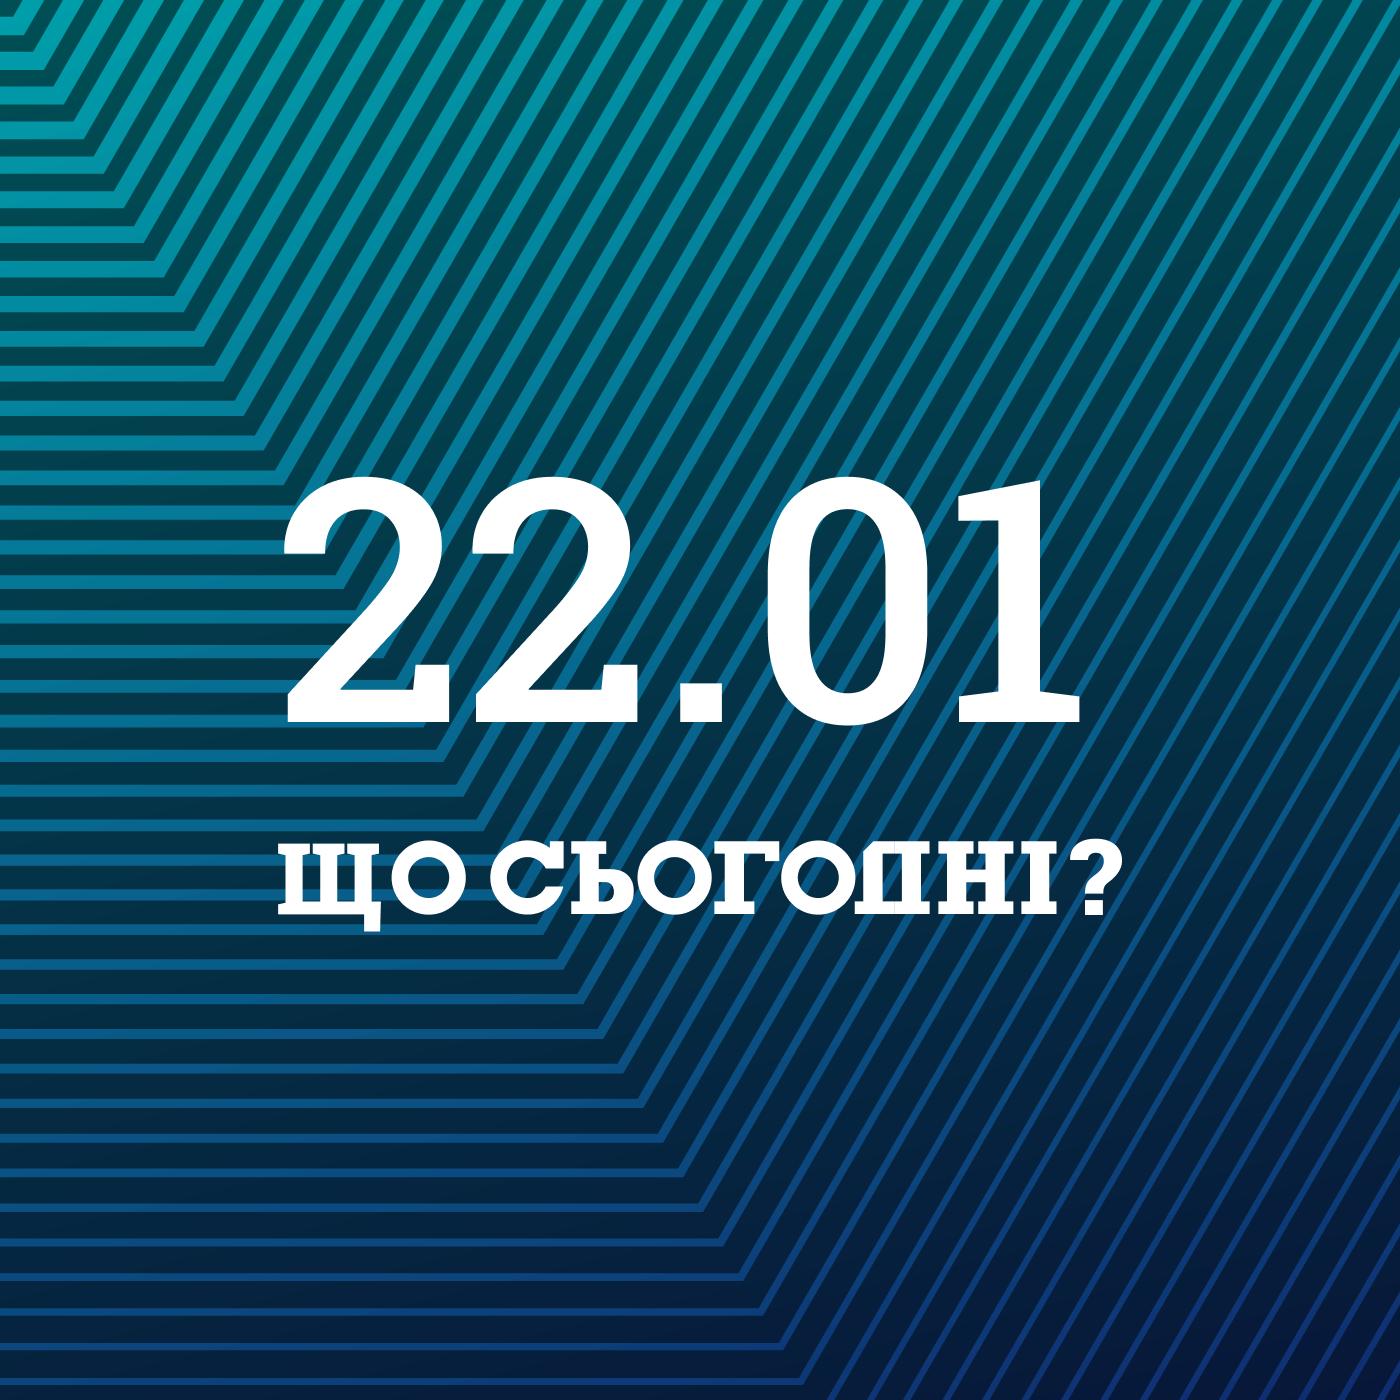 Что Сегодня: День Соборности, обострение на Донбассе, итоги локдауна